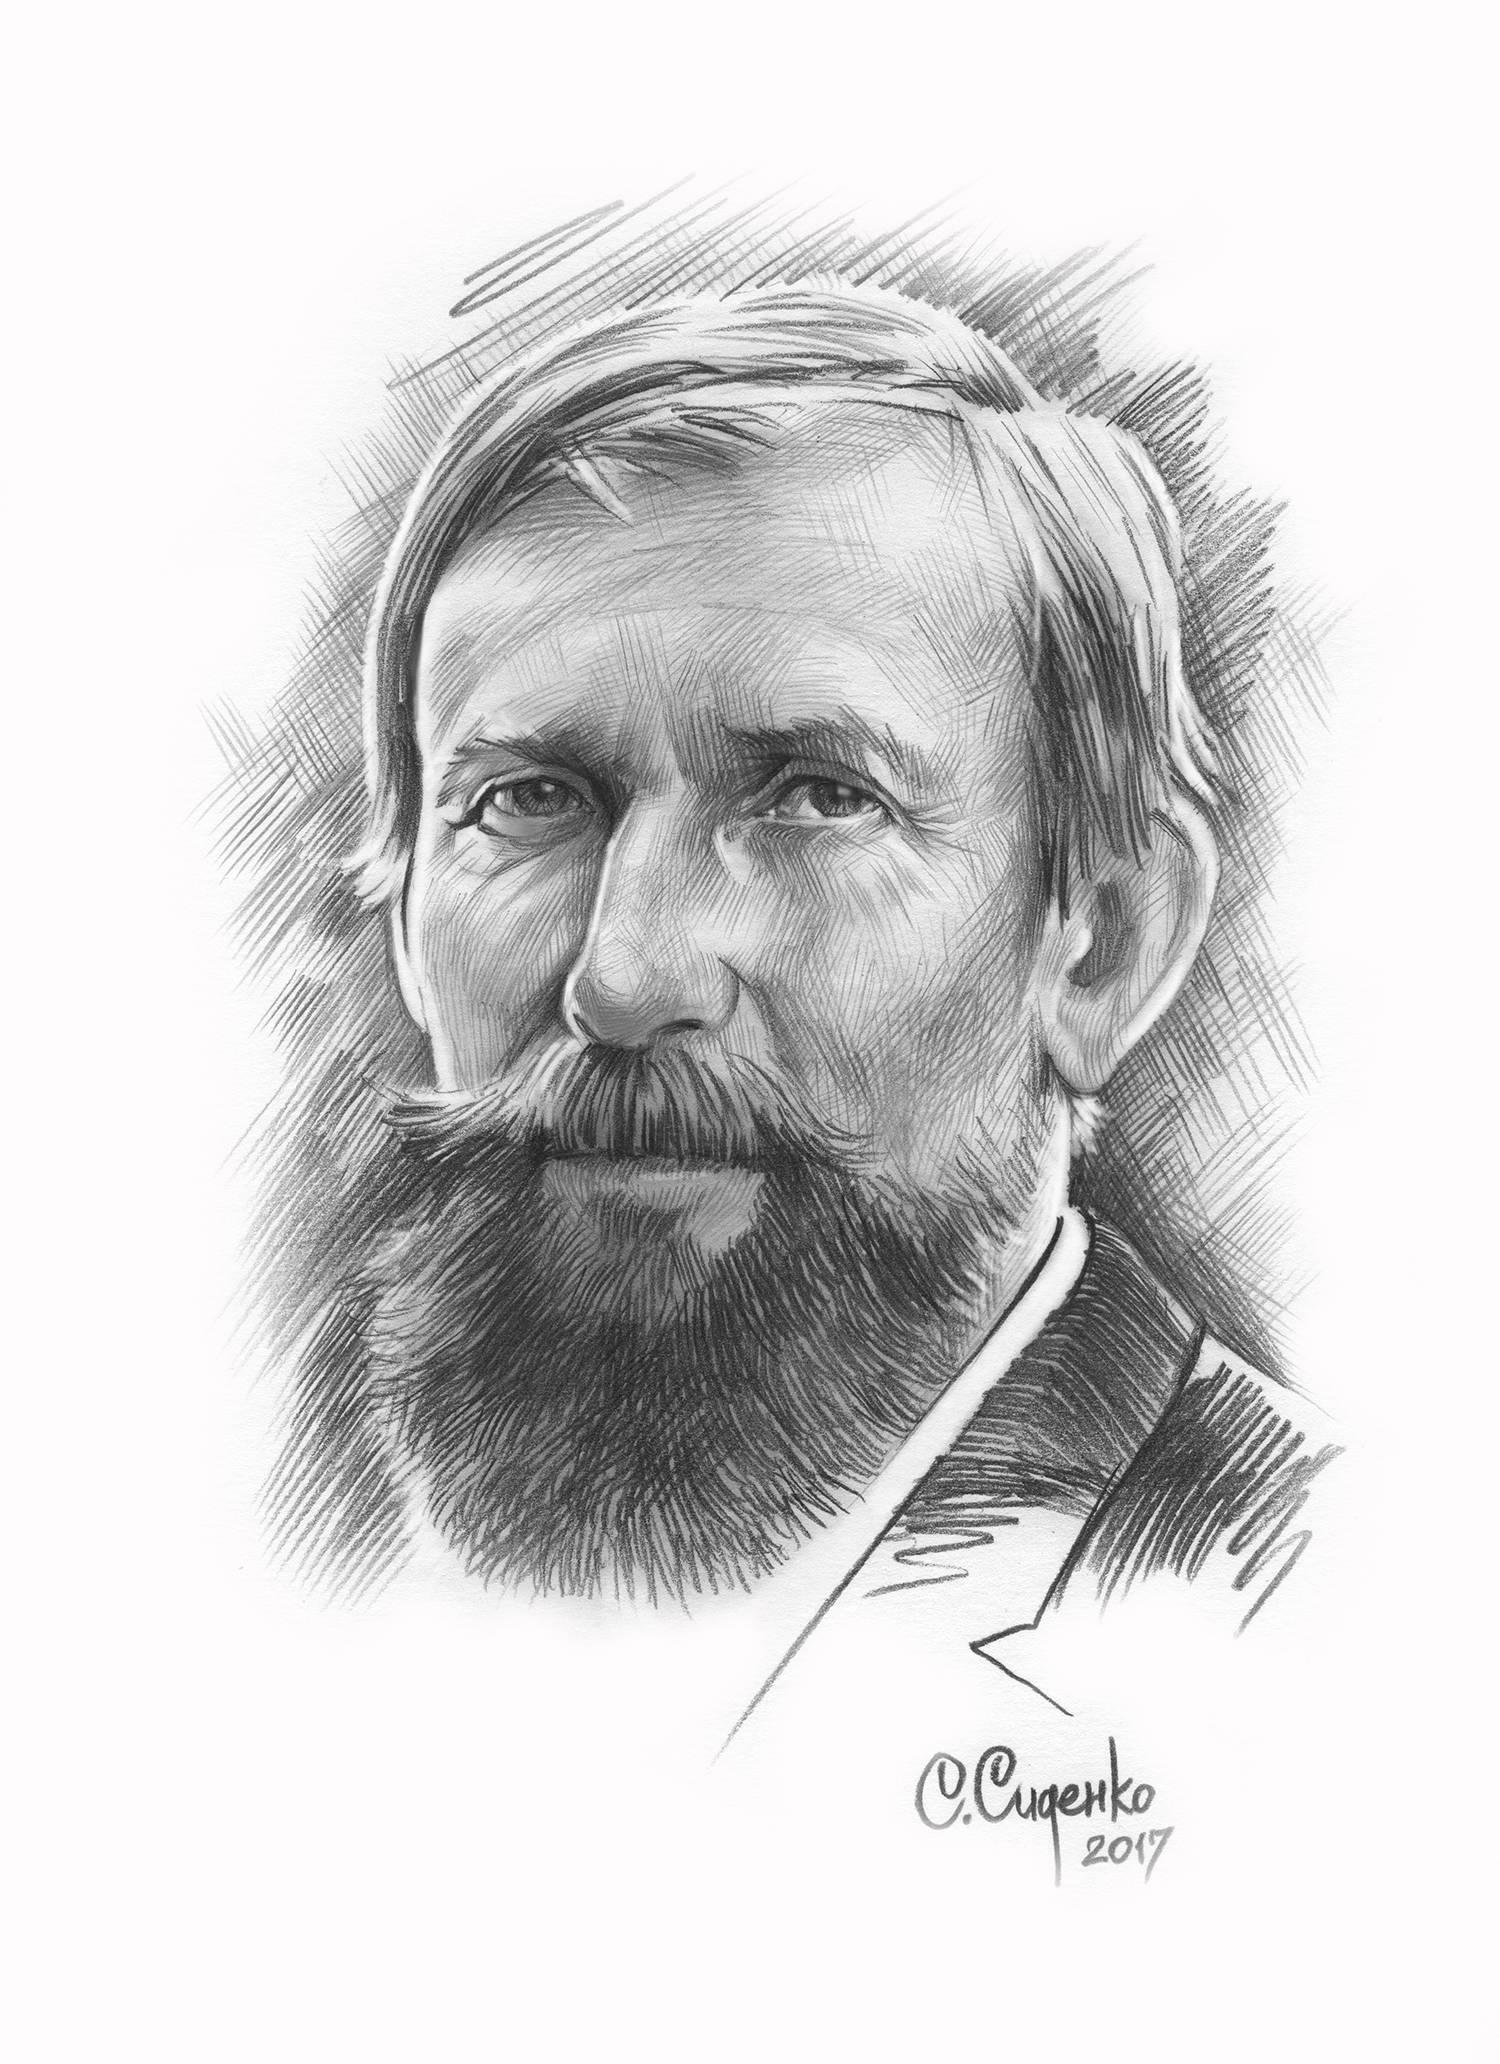 Ви́ктор Миха́йлович Васнецо́в (3 [15] мая 1848, село Лопьял, Вятская губерния — 23 июля 1926, Москва) — русский художник-живописец и архитектор, мастер исторической и фольклорной живописи.